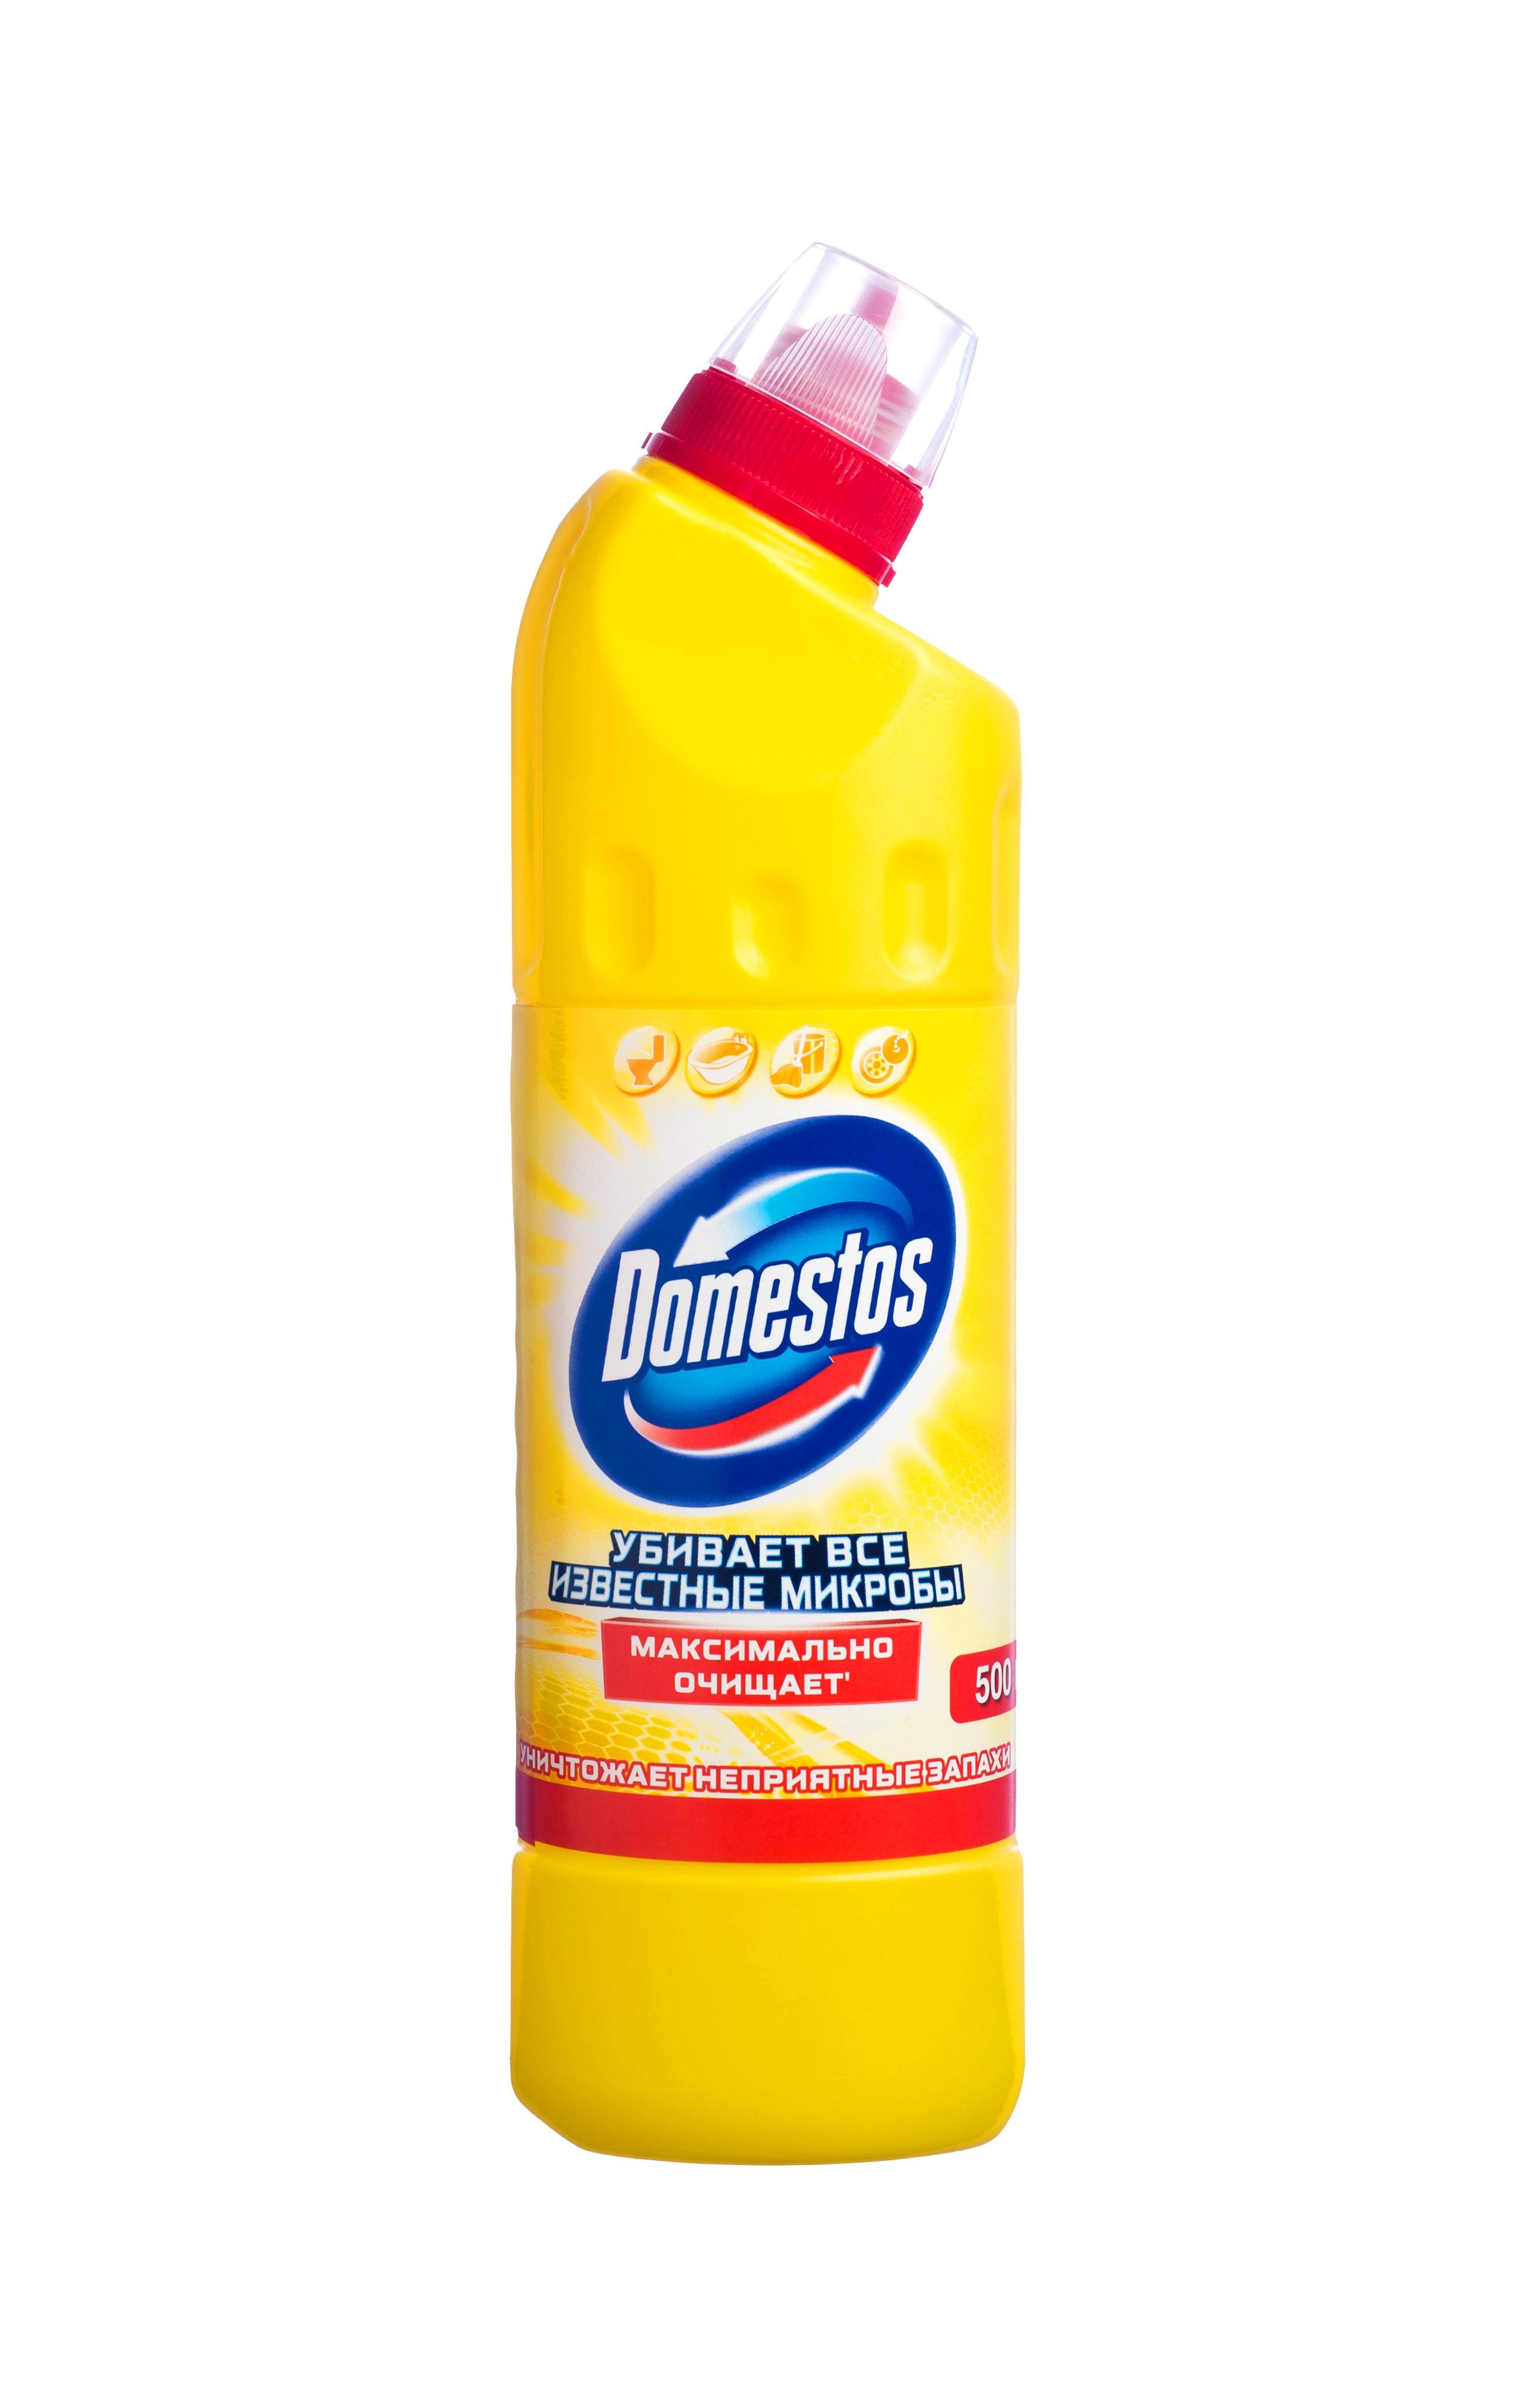 Domestos Чистящее и дезинфицирующее средство Двойная сила, универсальное, лимонная свежесть, 500 мл domestos двойная сила чистящее и дезинфицирующее средство универсальное свежесть атлантики 500 мл